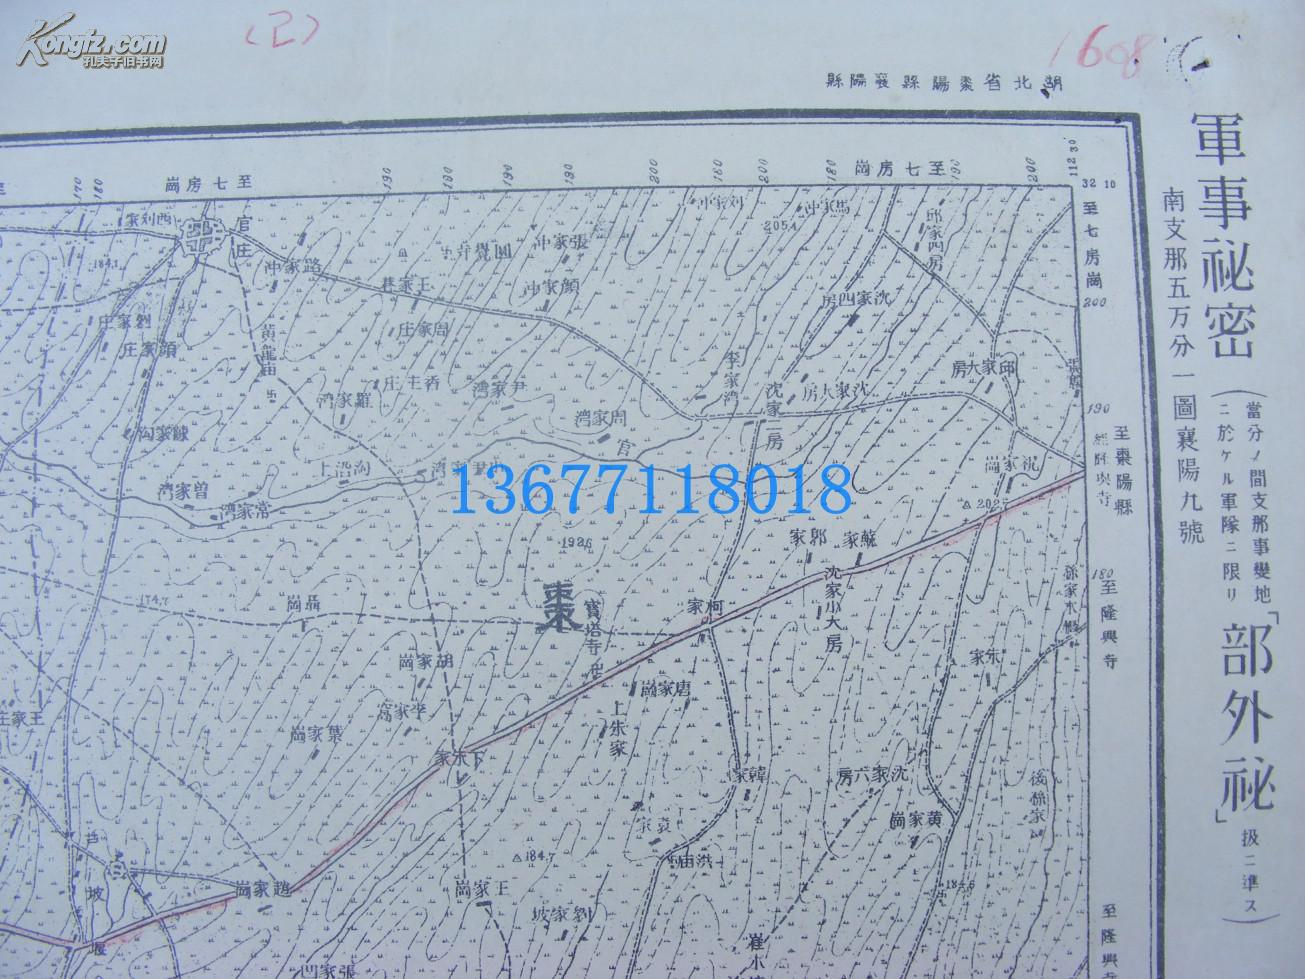 【图】民国(日军侵华)地图(112)~~湖北省枣阳县襄阳